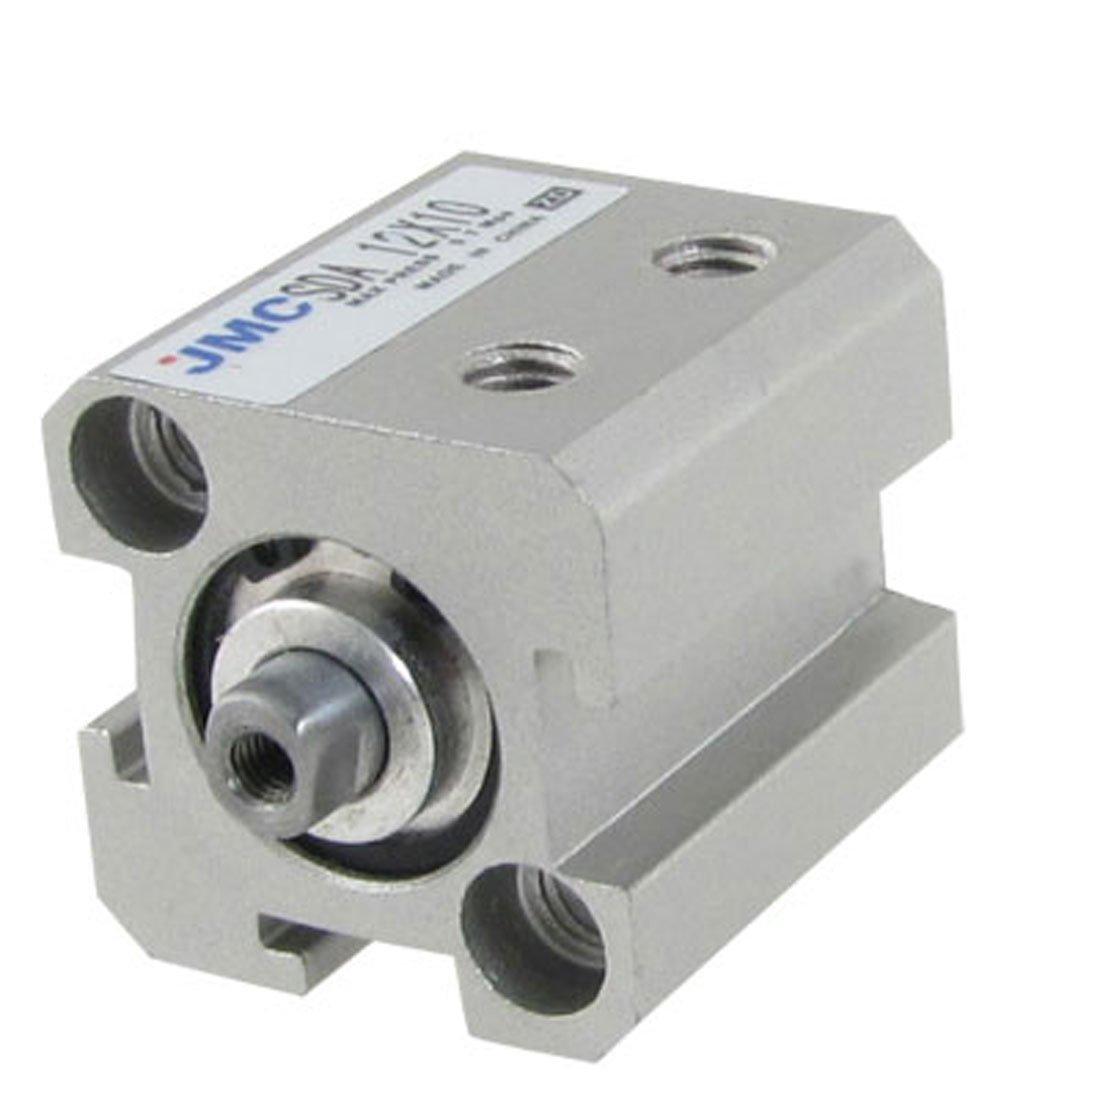 SDA Series 1, 27 cm calibre 1, 02 cm tiempos neumá tico rueda simple con tornillo 02 cm tiempos neumático rueda simple con tornillo Sourcingmap a11111700ux0066